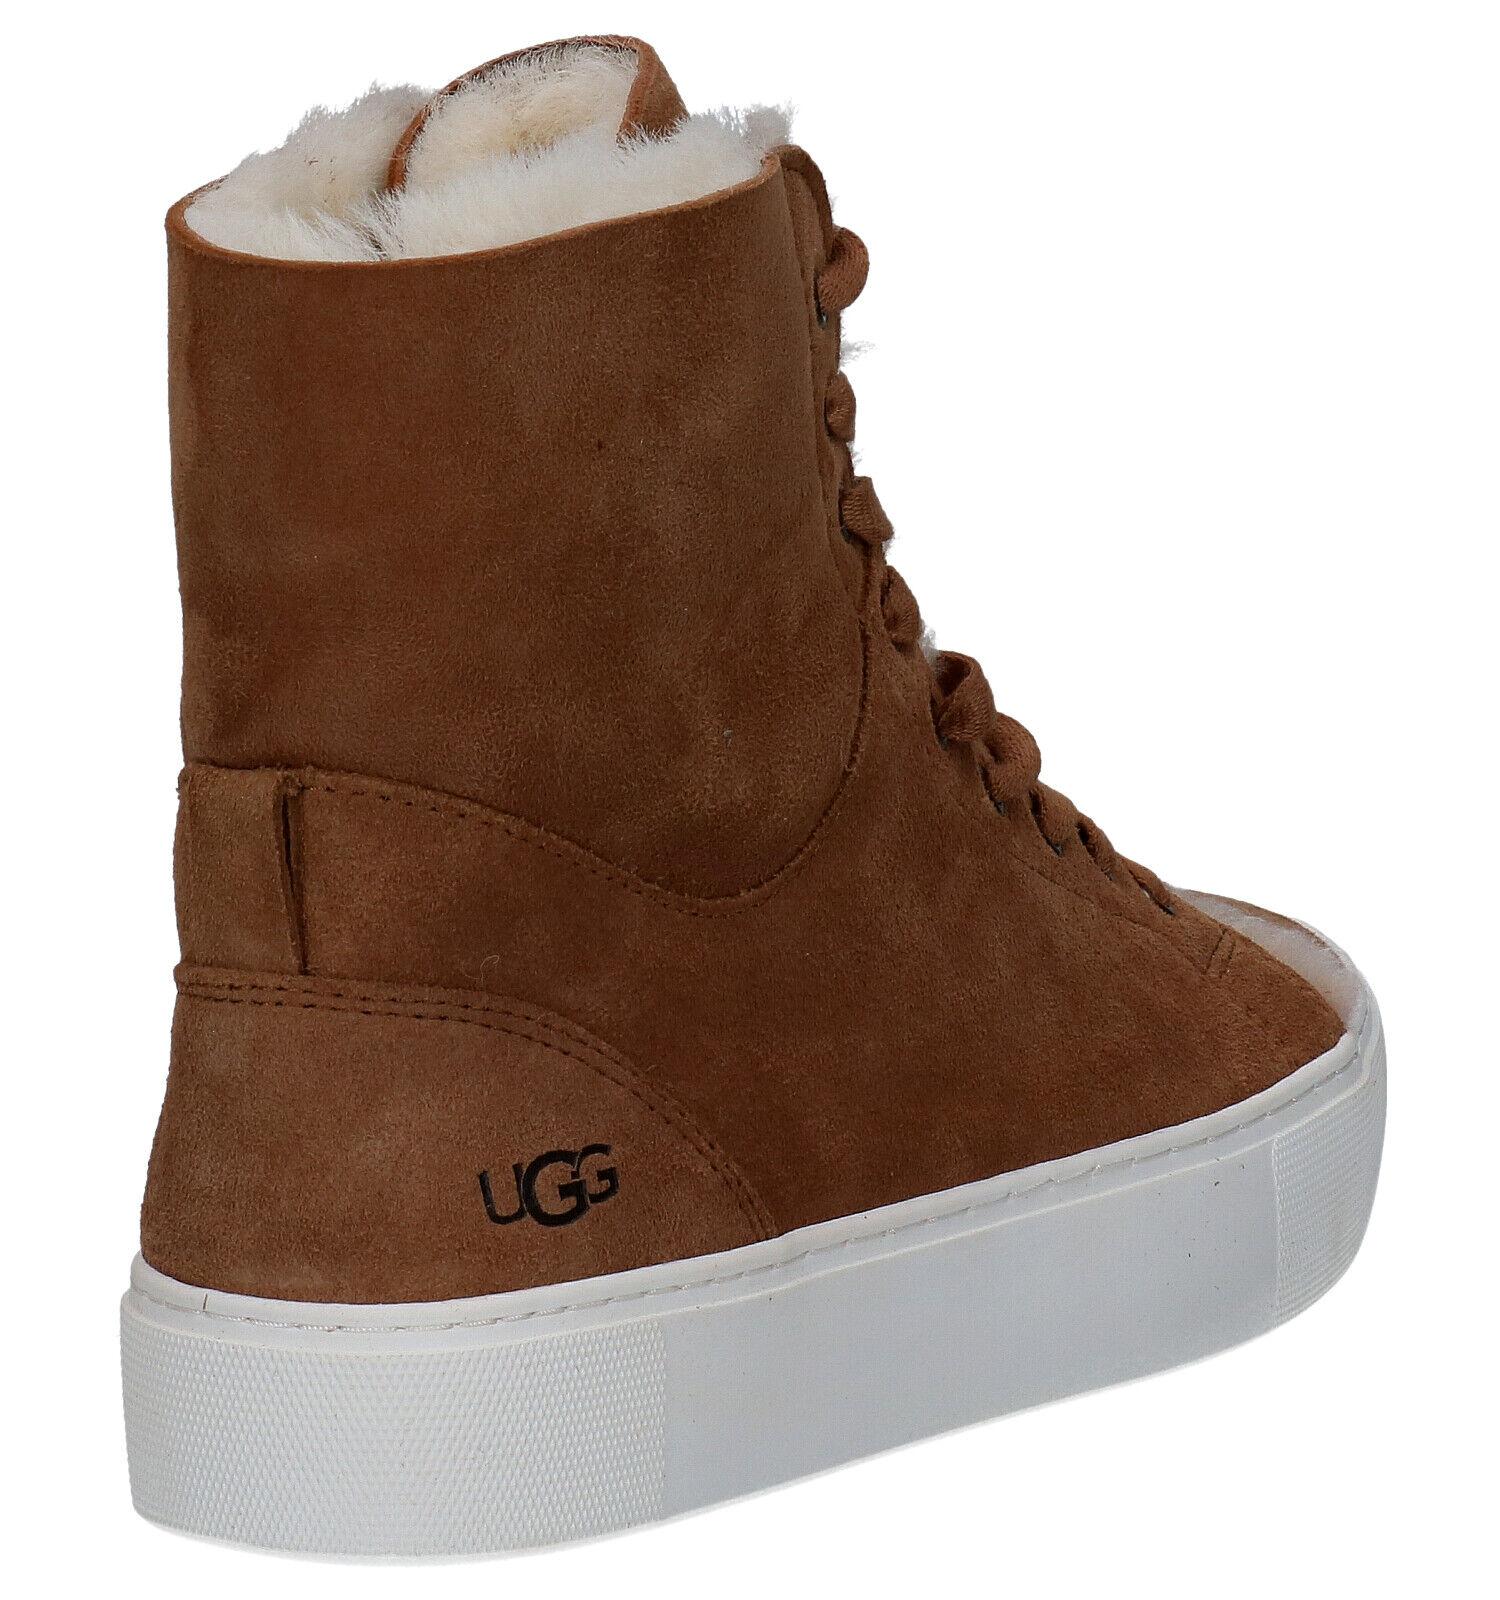 UGG Beven Cognac Boots